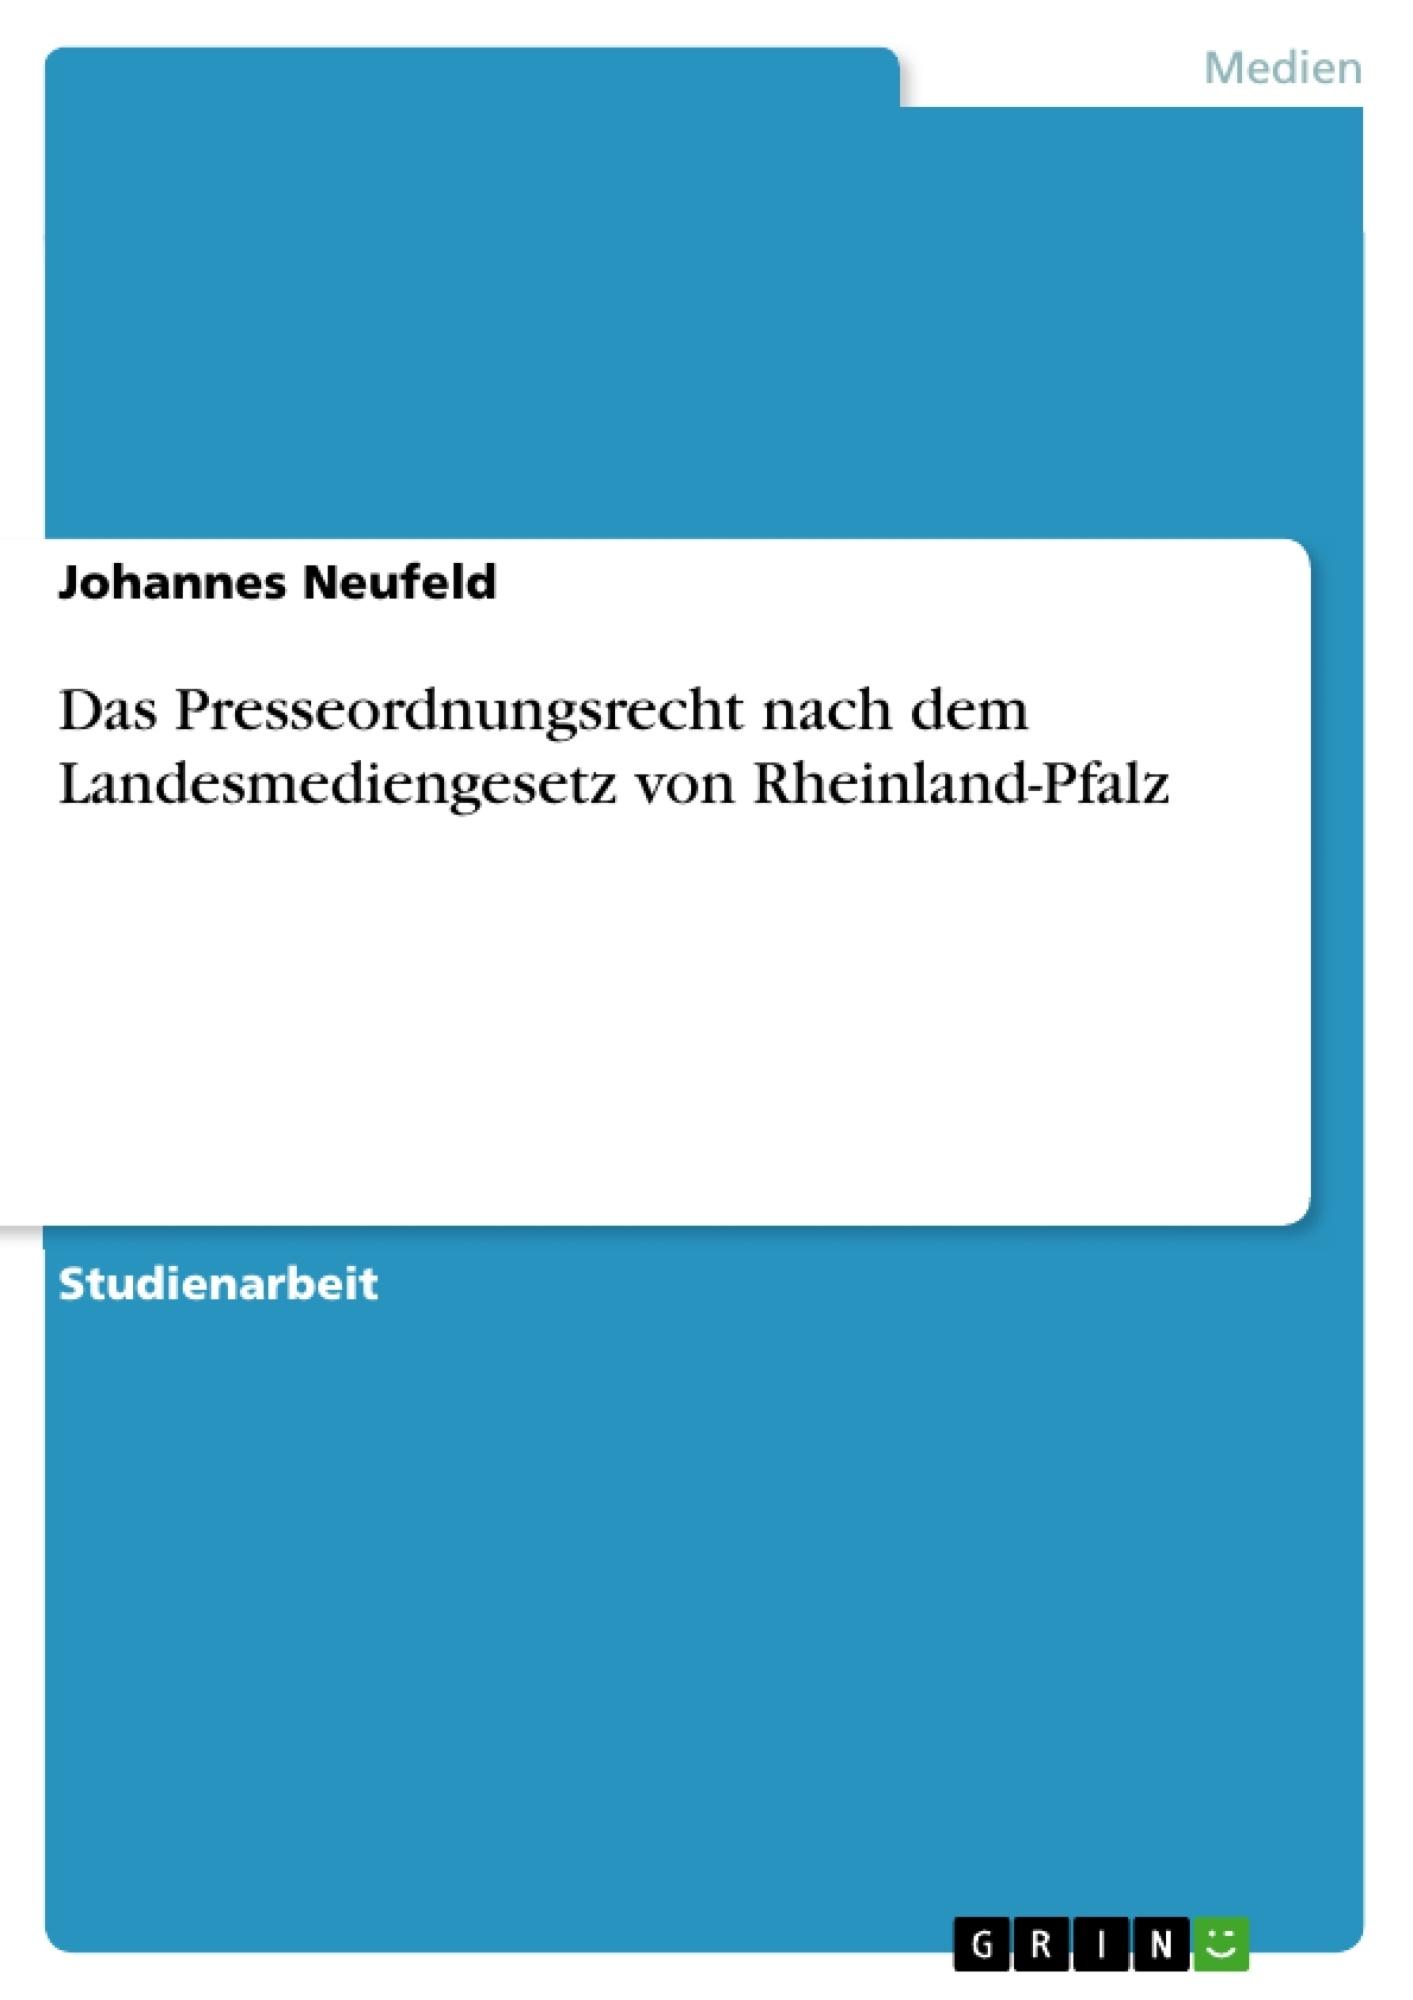 Titel: Das Presseordnungsrecht nach dem Landesmediengesetz von Rheinland-Pfalz